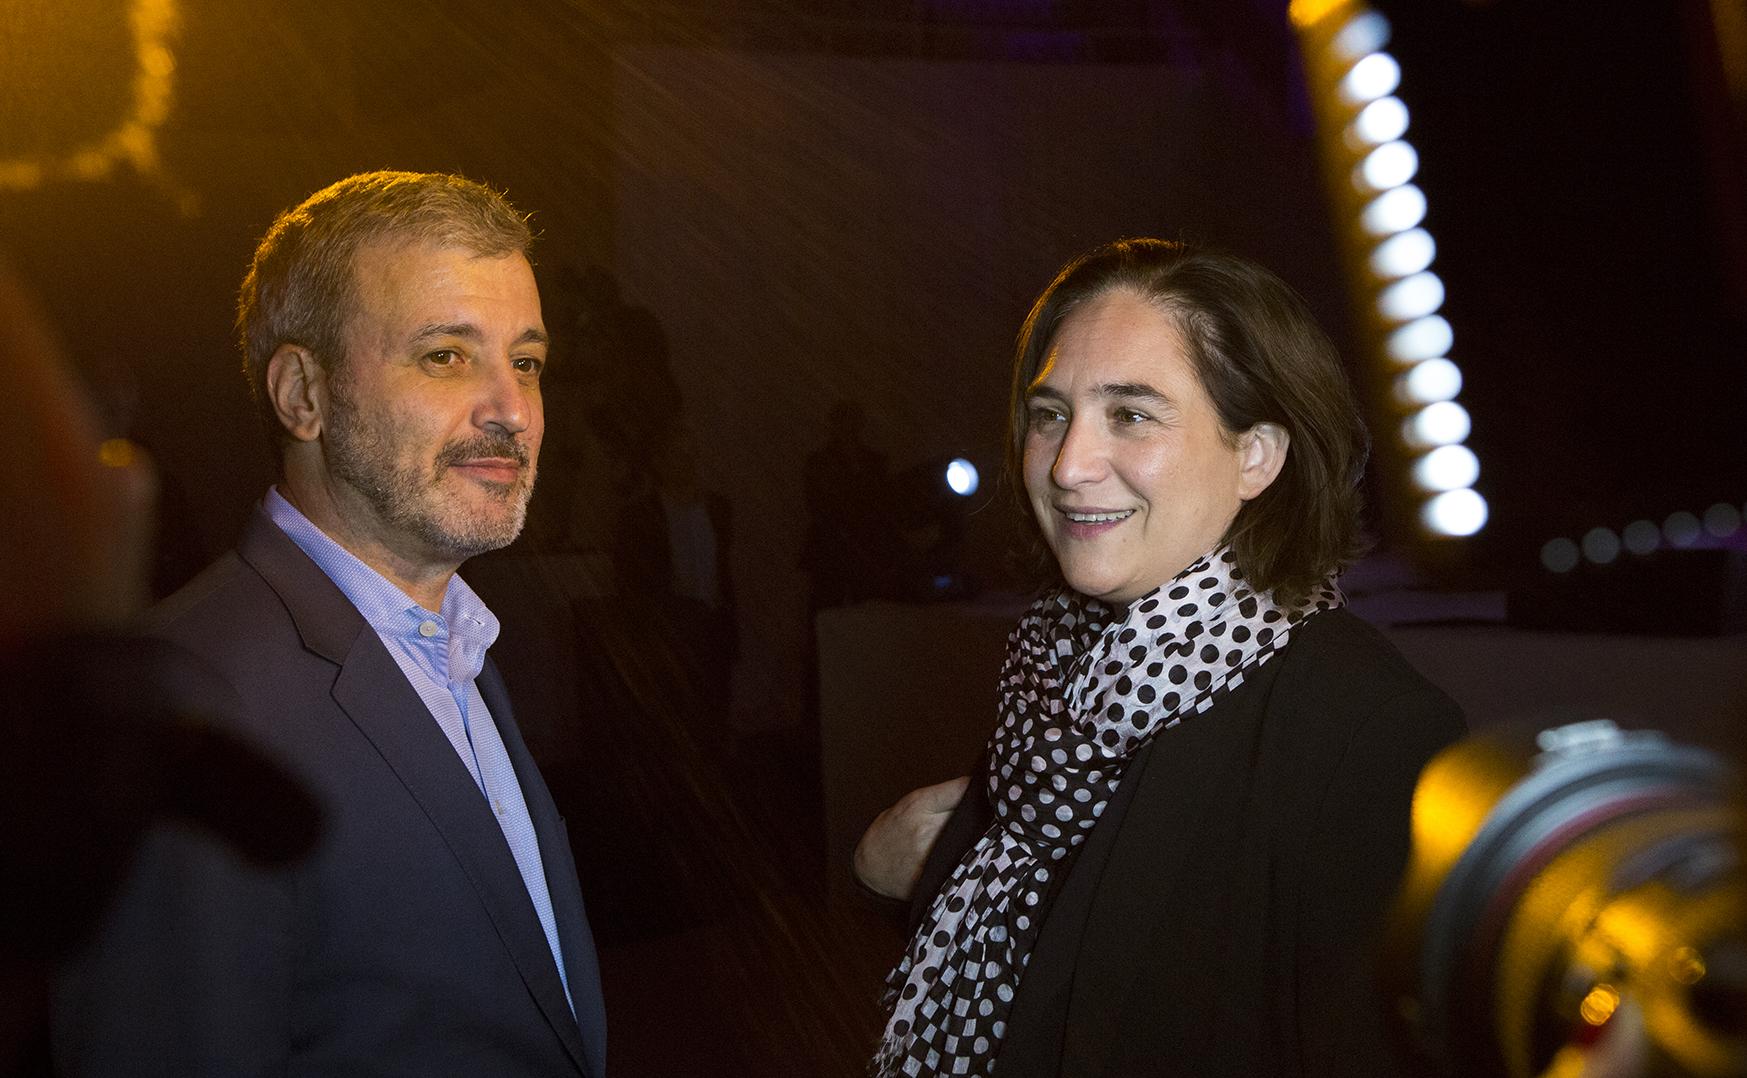 Jaume Collboni (PSC) y Ada Colau (BenComú) en la Gala de los premios Comerç BCN el pasado 6 de noviembre / Ajuntament de Barcelona